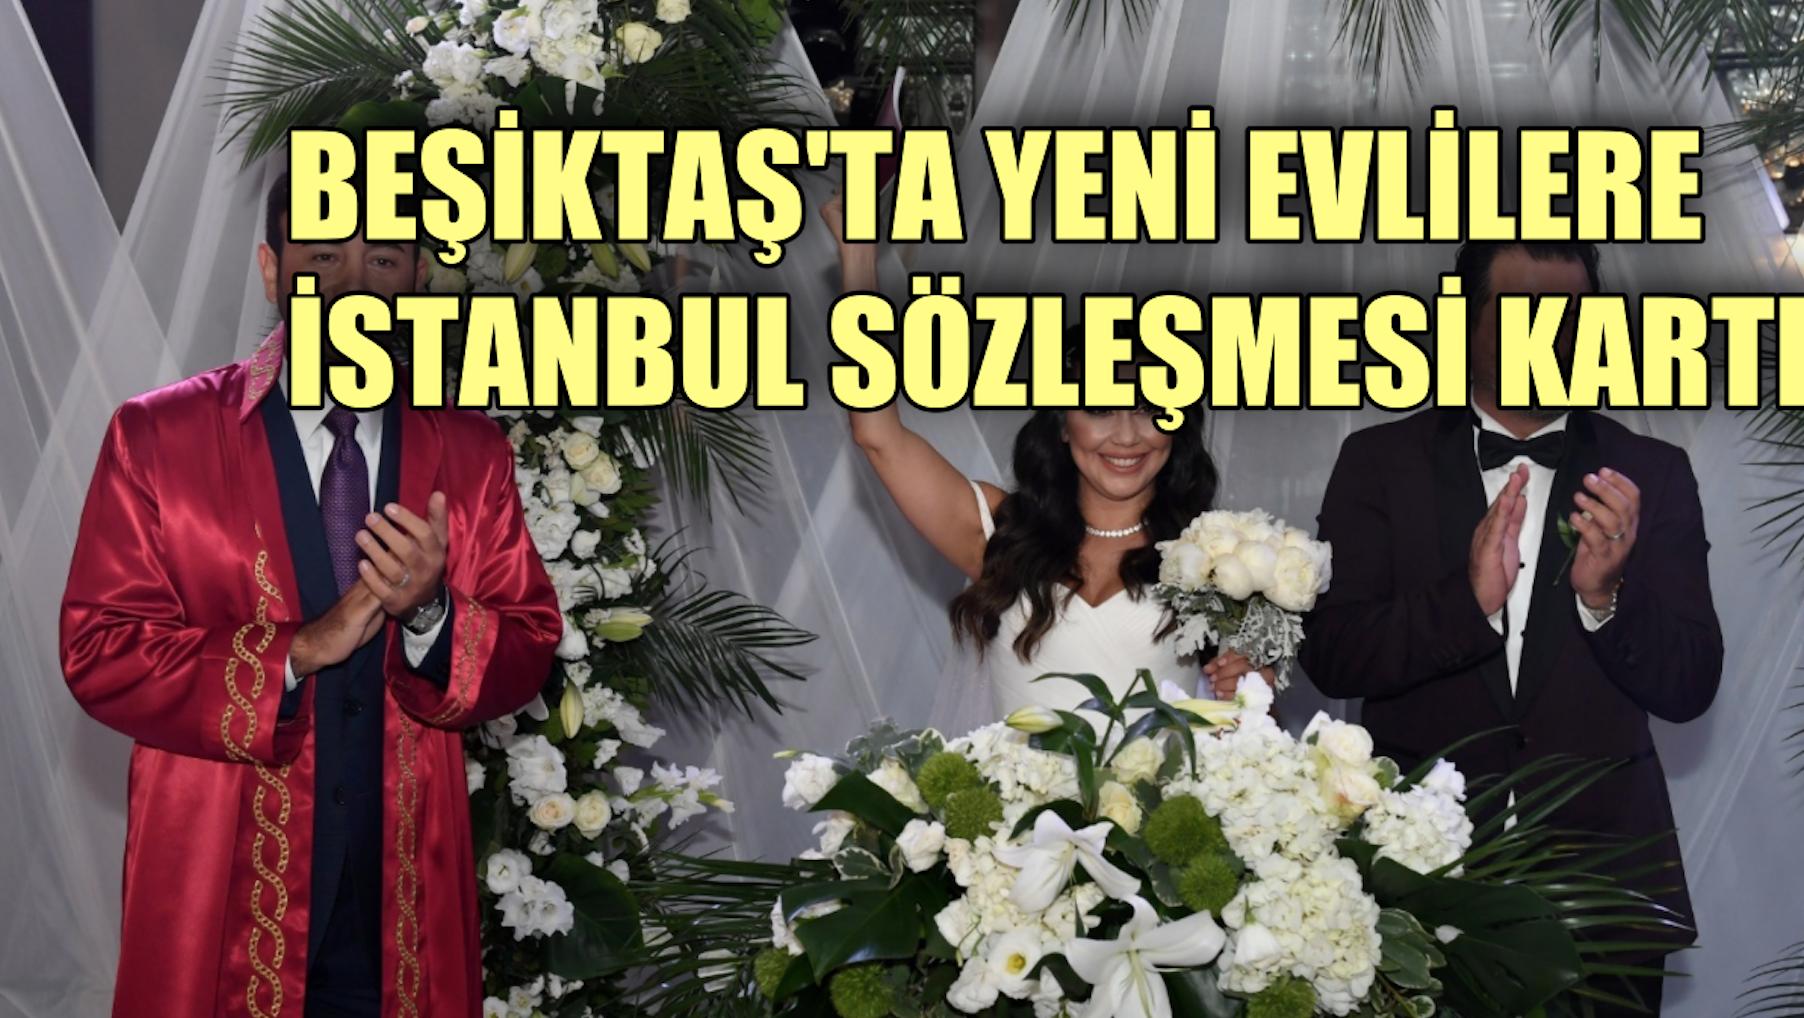 Beşiktaş'ta evlenen çiftlere İstanbul Sözleşmesi kartı